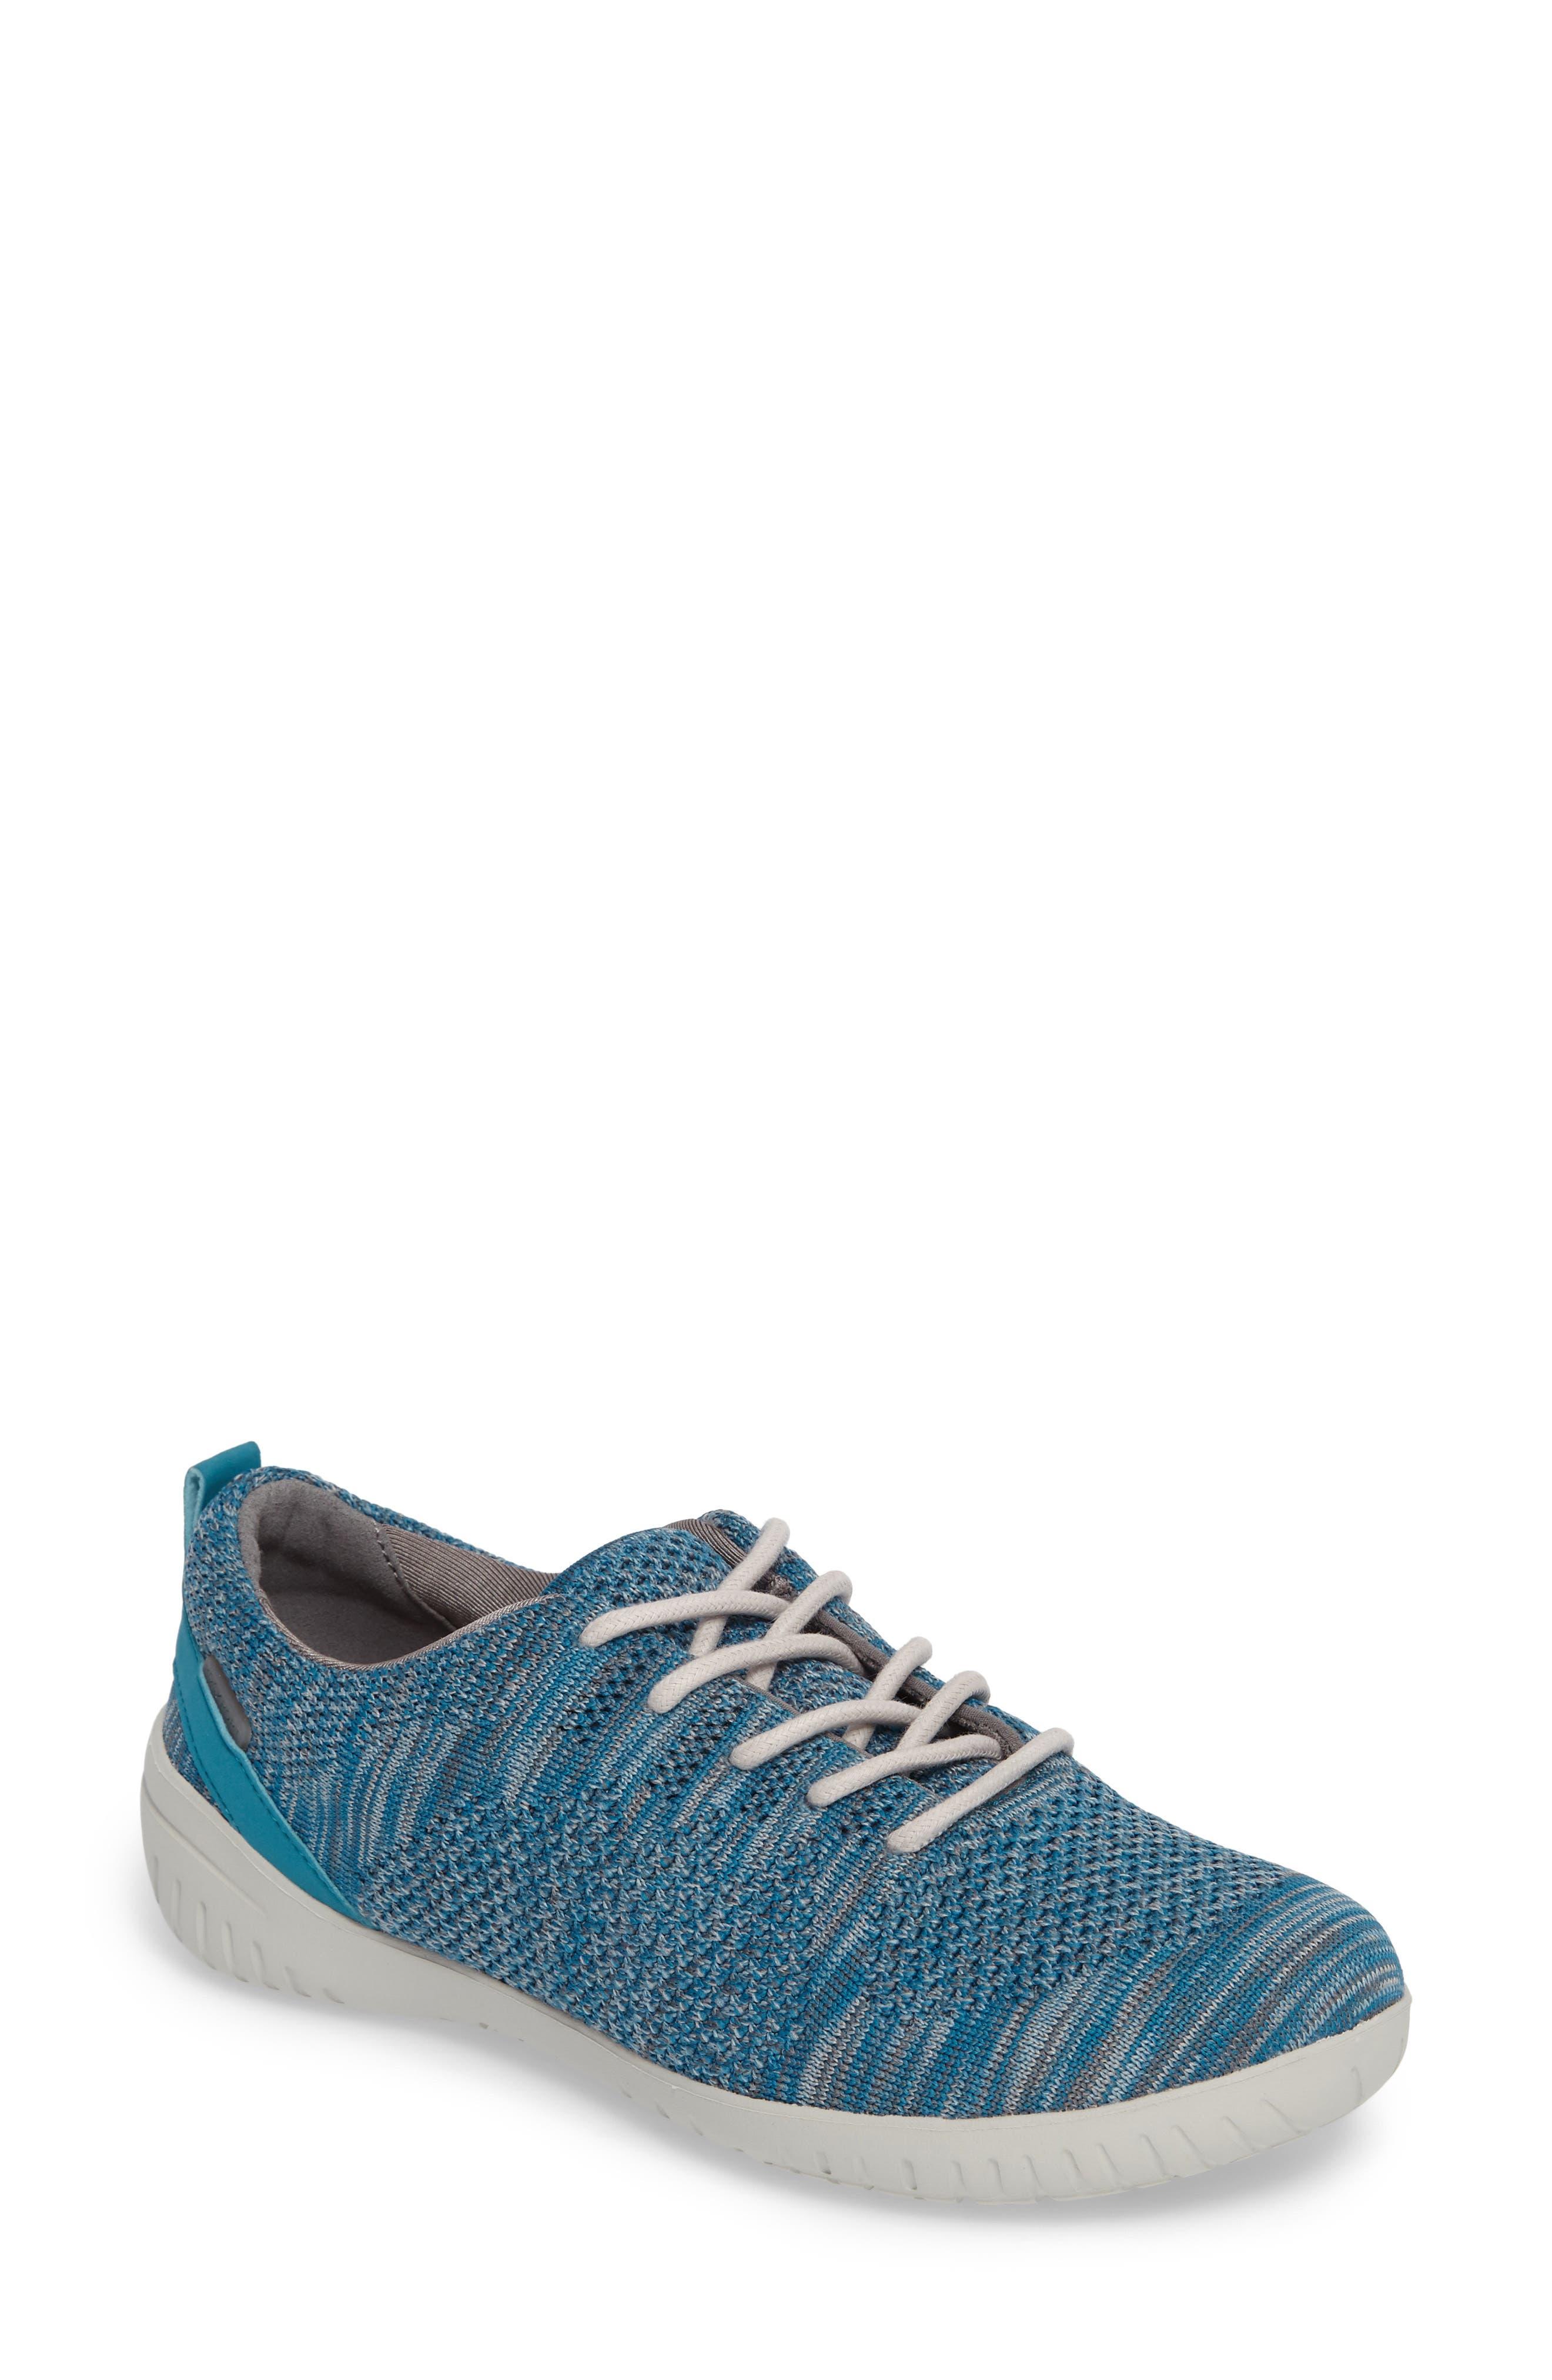 Rockport Raelyn Knit Sneaker, Blue/green